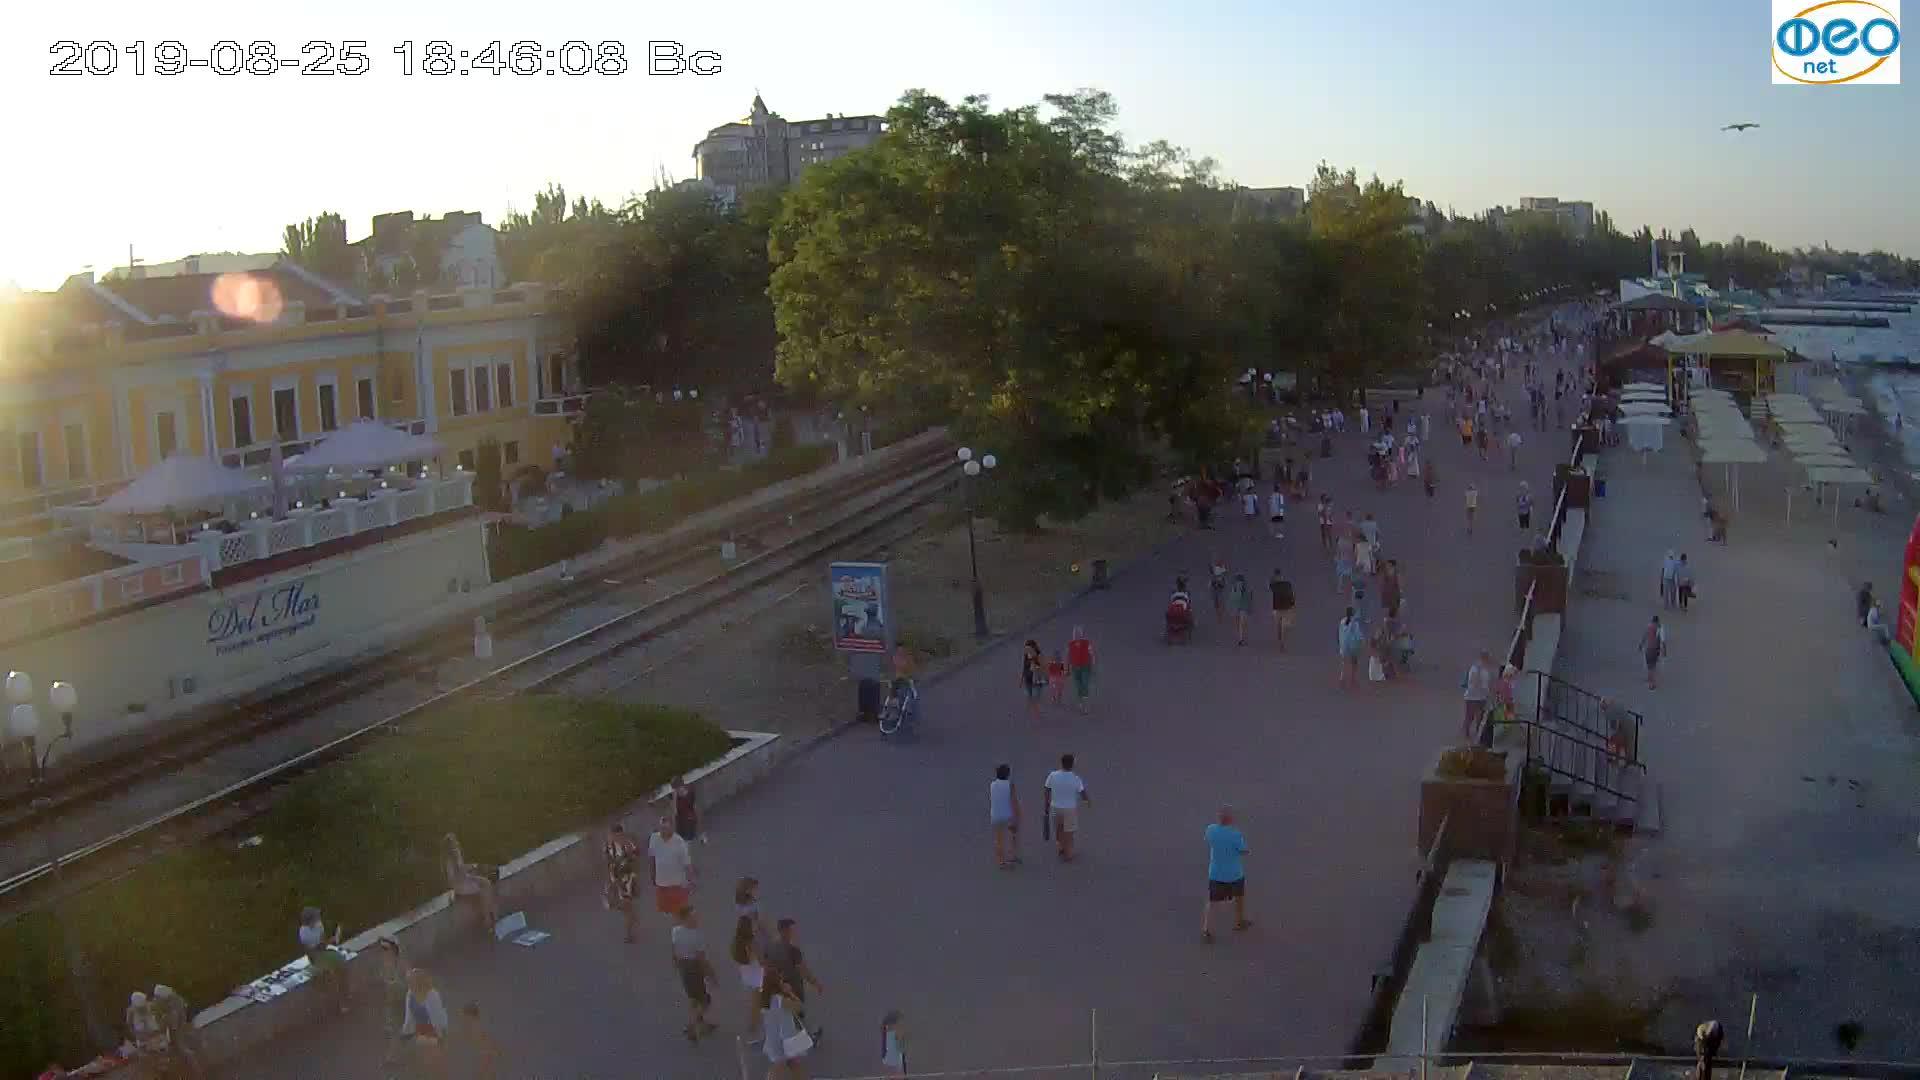 Веб-камеры Феодосии, Набережная, 2019-08-25 18:40:05